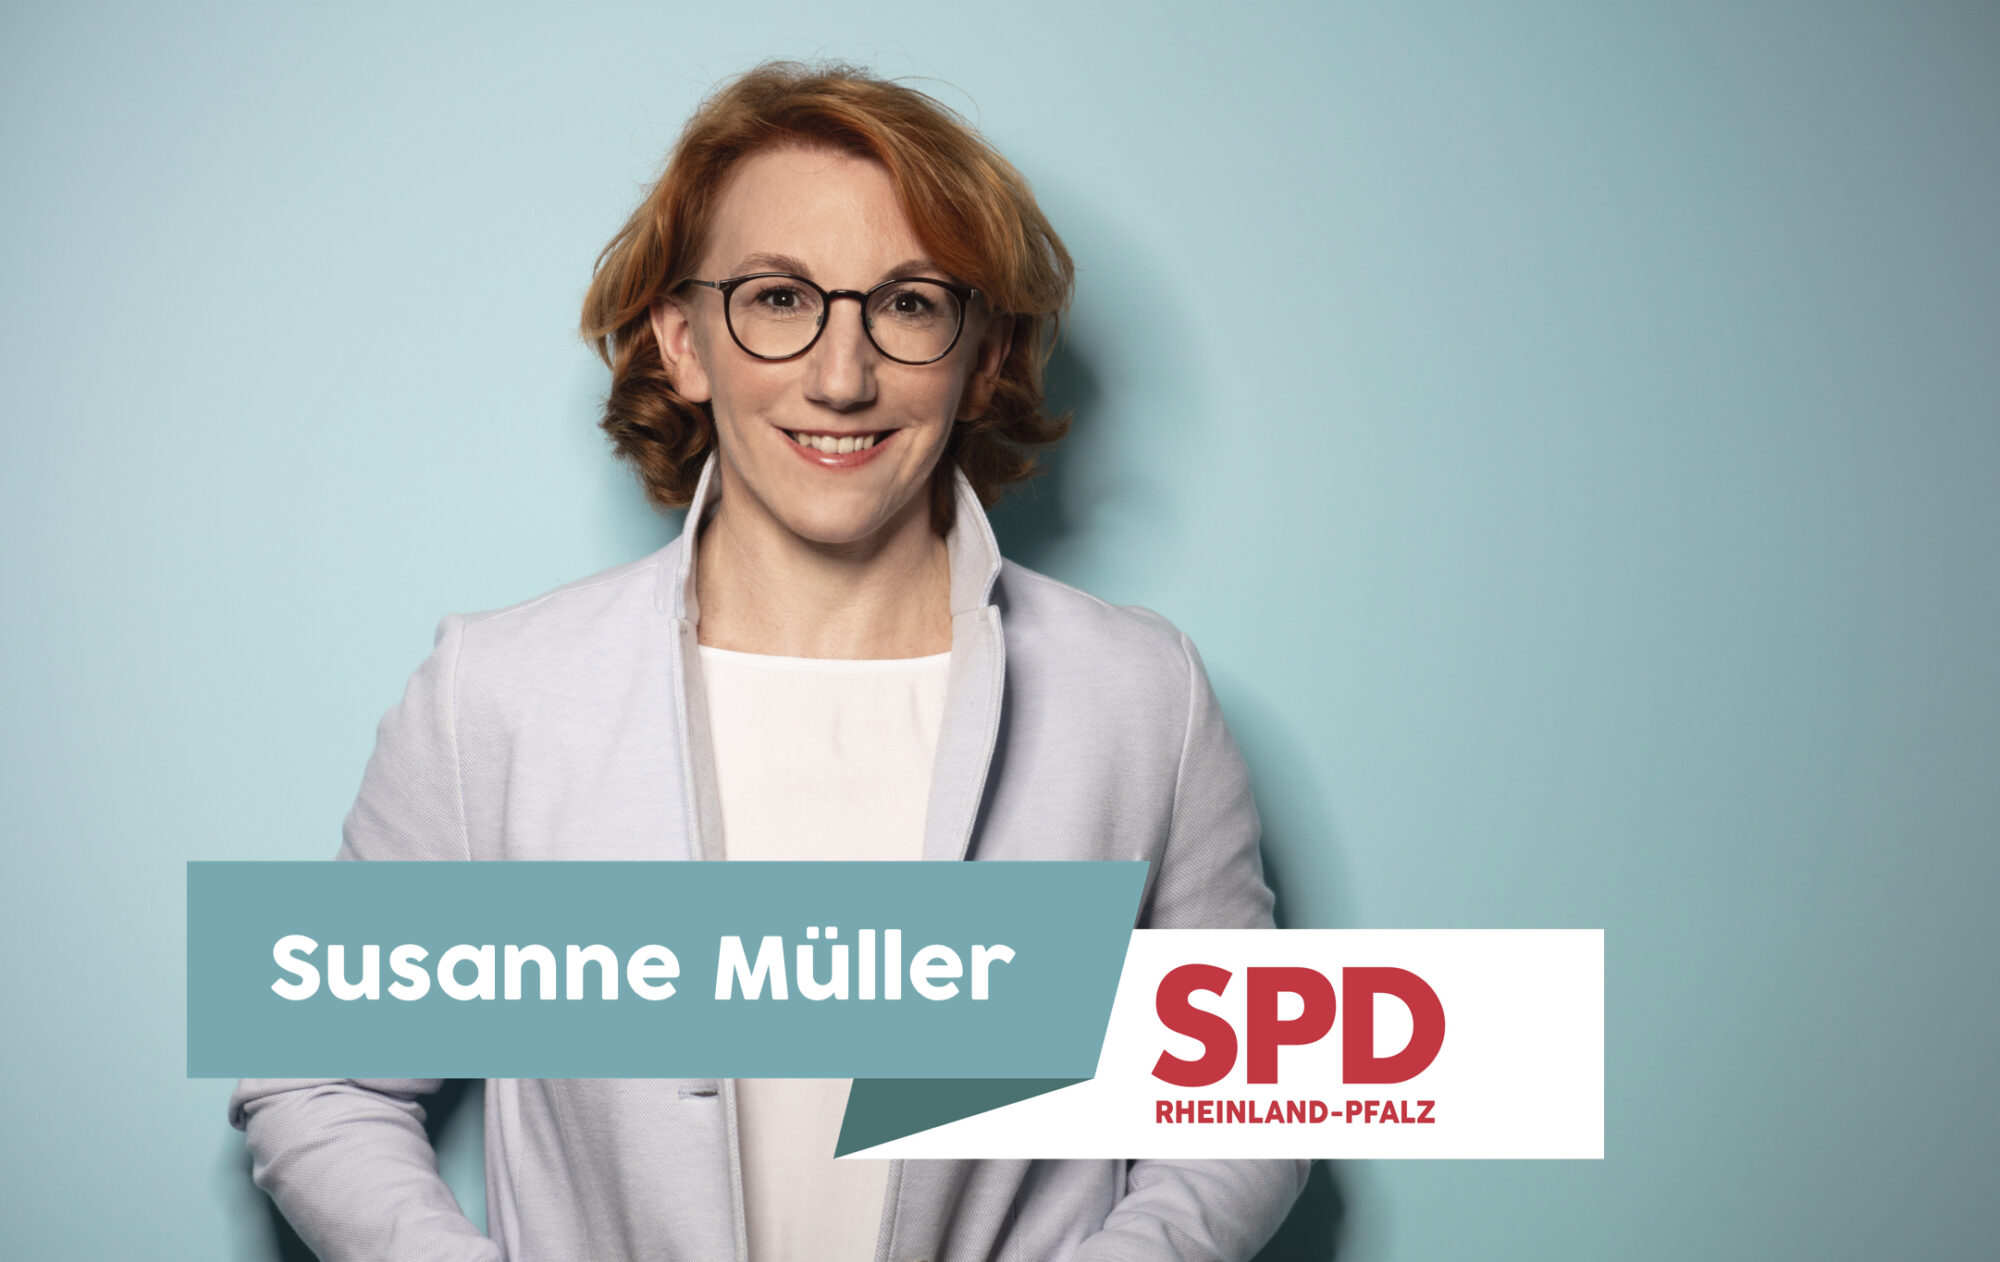 Susanne Müller - SPD- Kandidatin für den Landtag Rheinlad-Pfalz